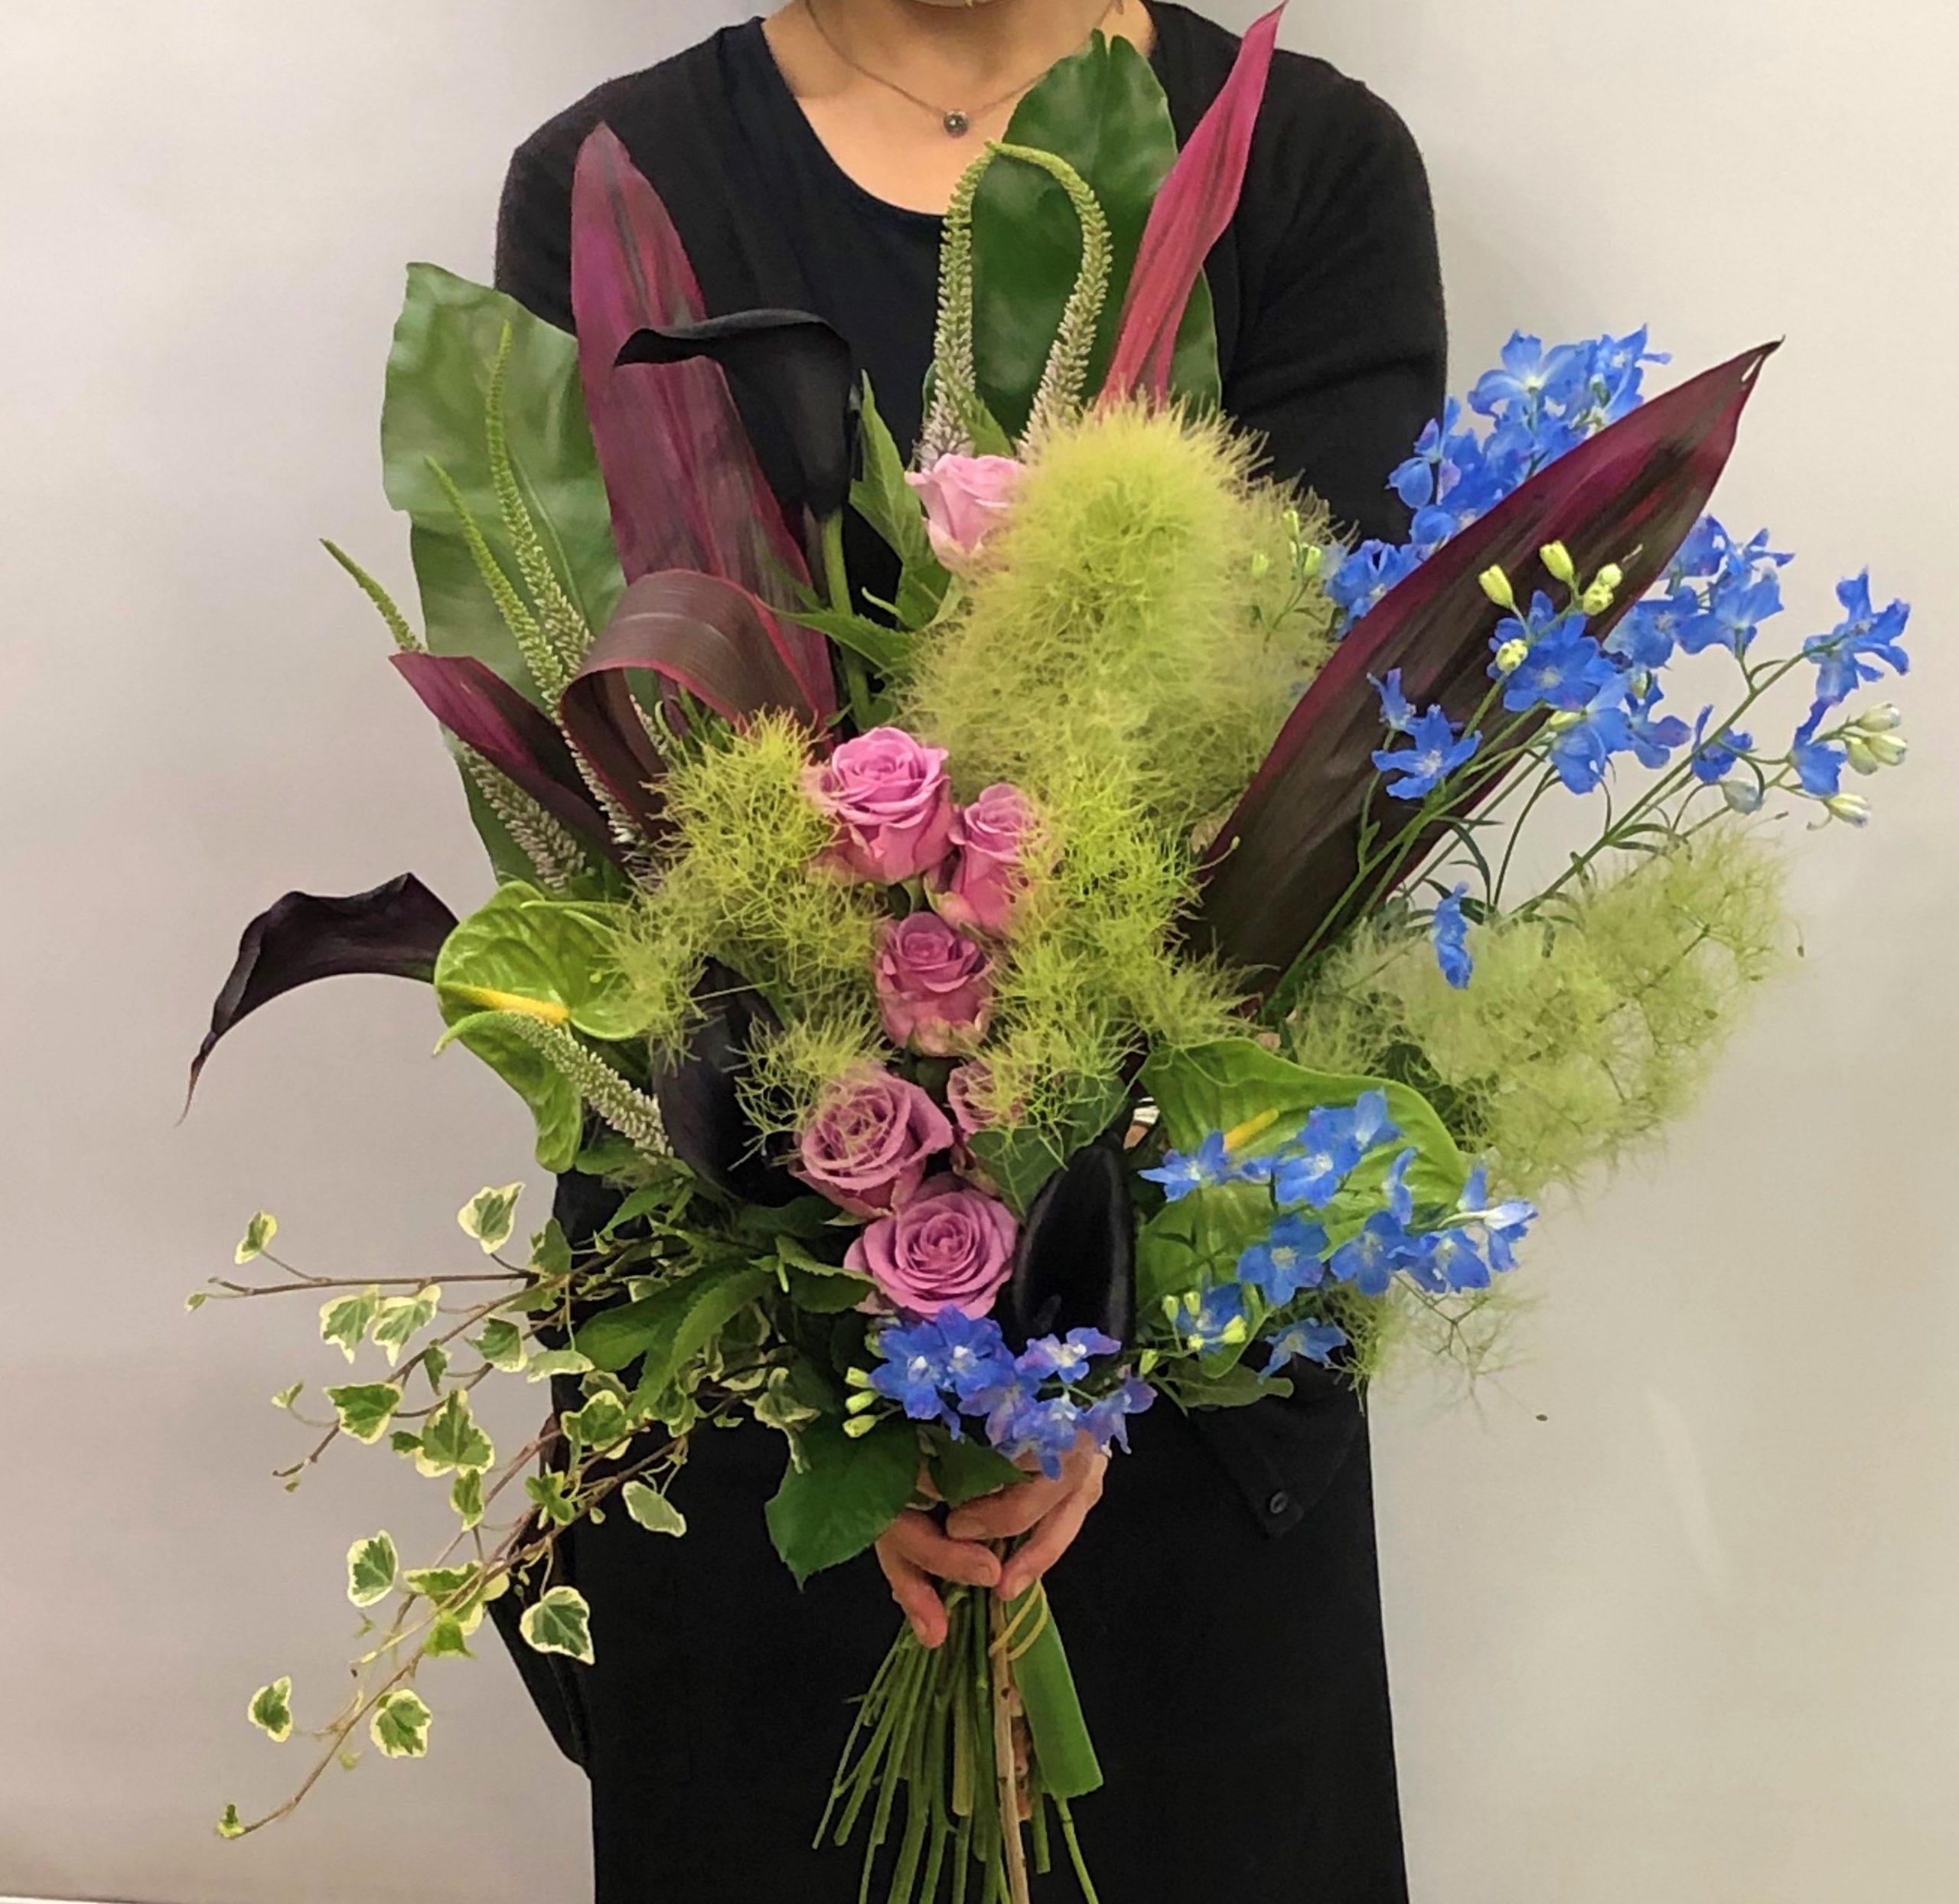 横浜みなとみらいへ花束を即日当日配達させていただきました。【横浜花屋の花束・スタンド花・胡蝶蘭・バルーン・アレンジメント配達事例682】